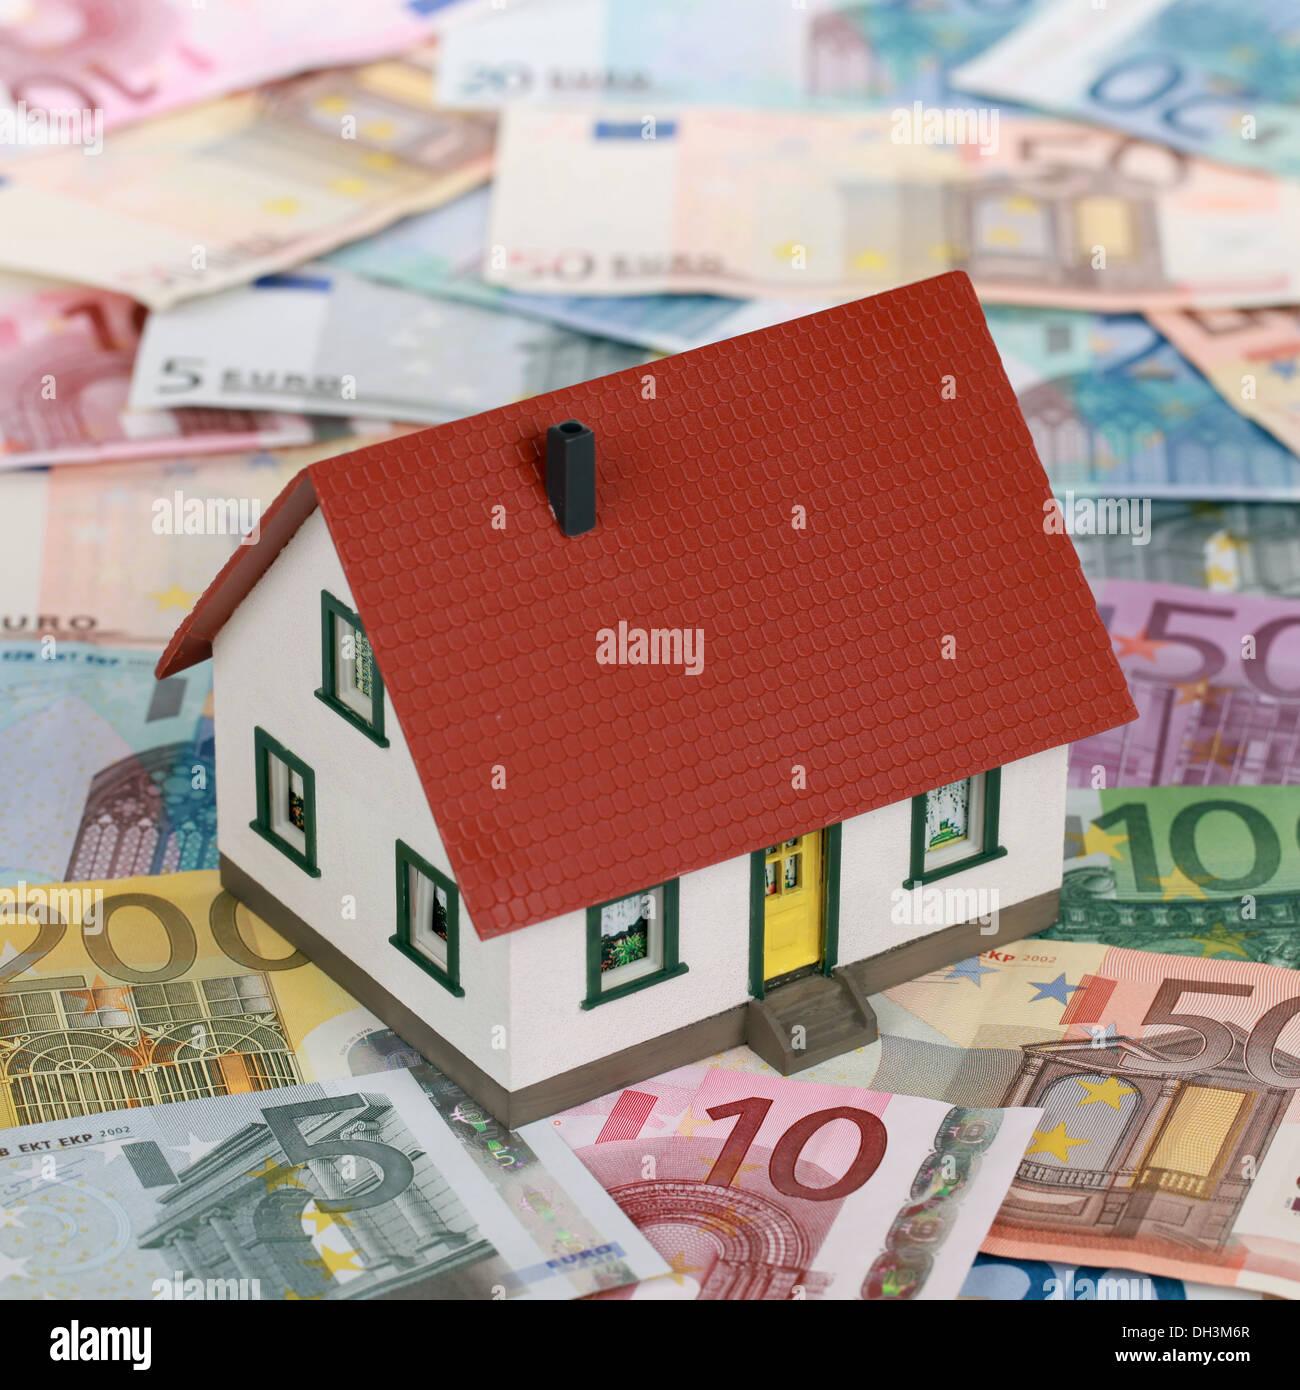 Symbolisches Bild eine Immobilienfinanzierung mit einem Haus auf Banknoten Stockbild